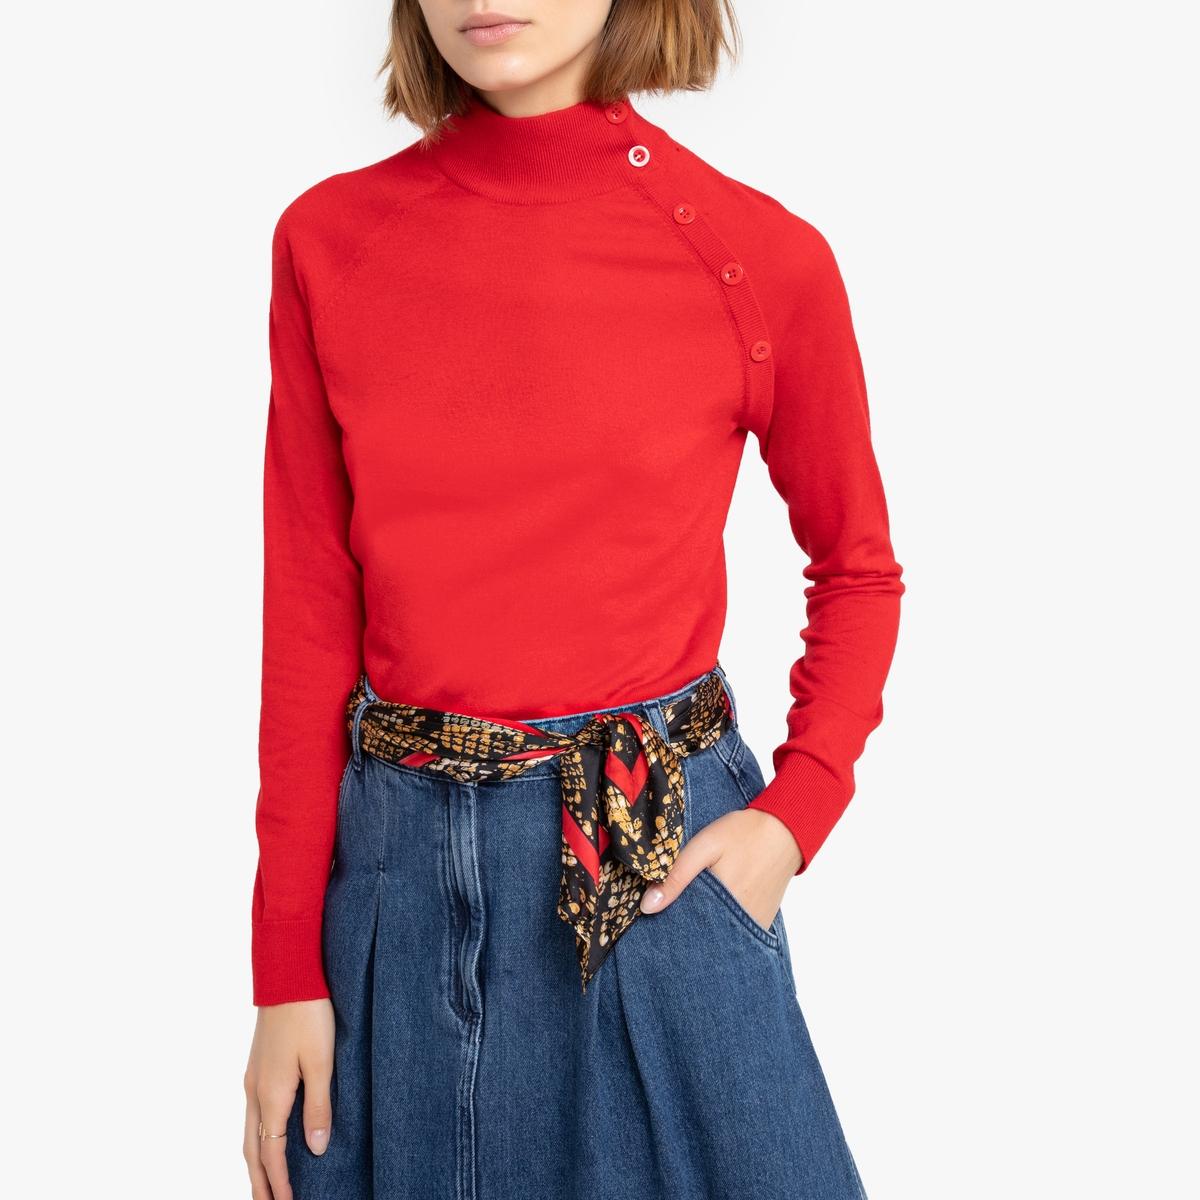 Пуловер La Redoute С воротником-стойкой из тонкого трикотажа Malowne L красный цена и фото